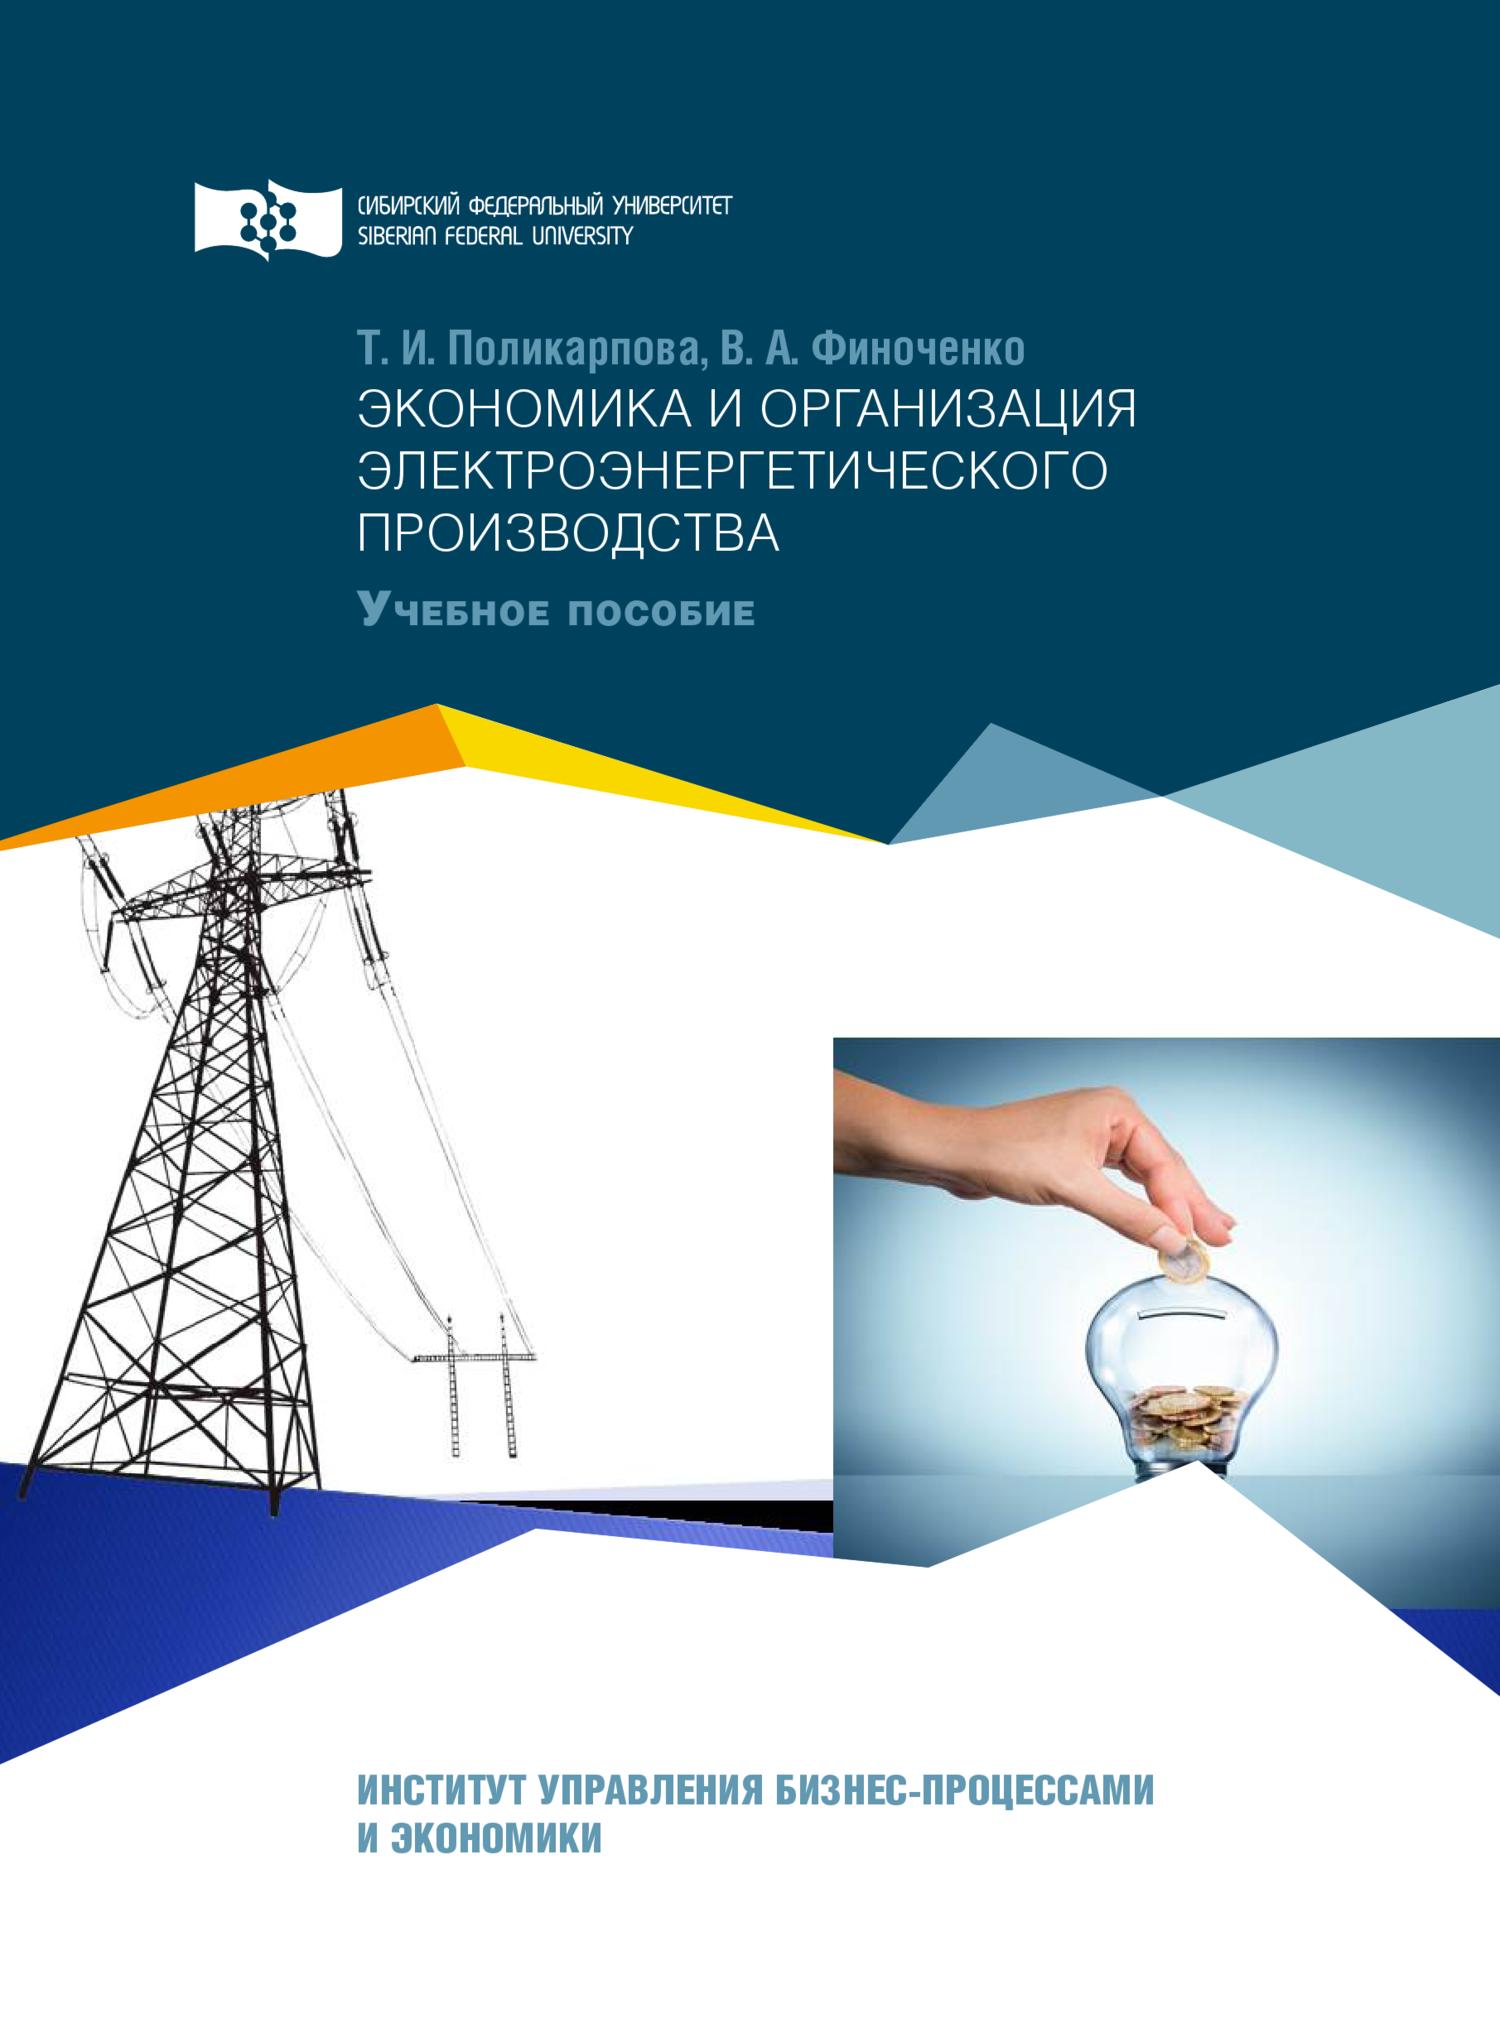 Экономика и организация электроэнергетического производства